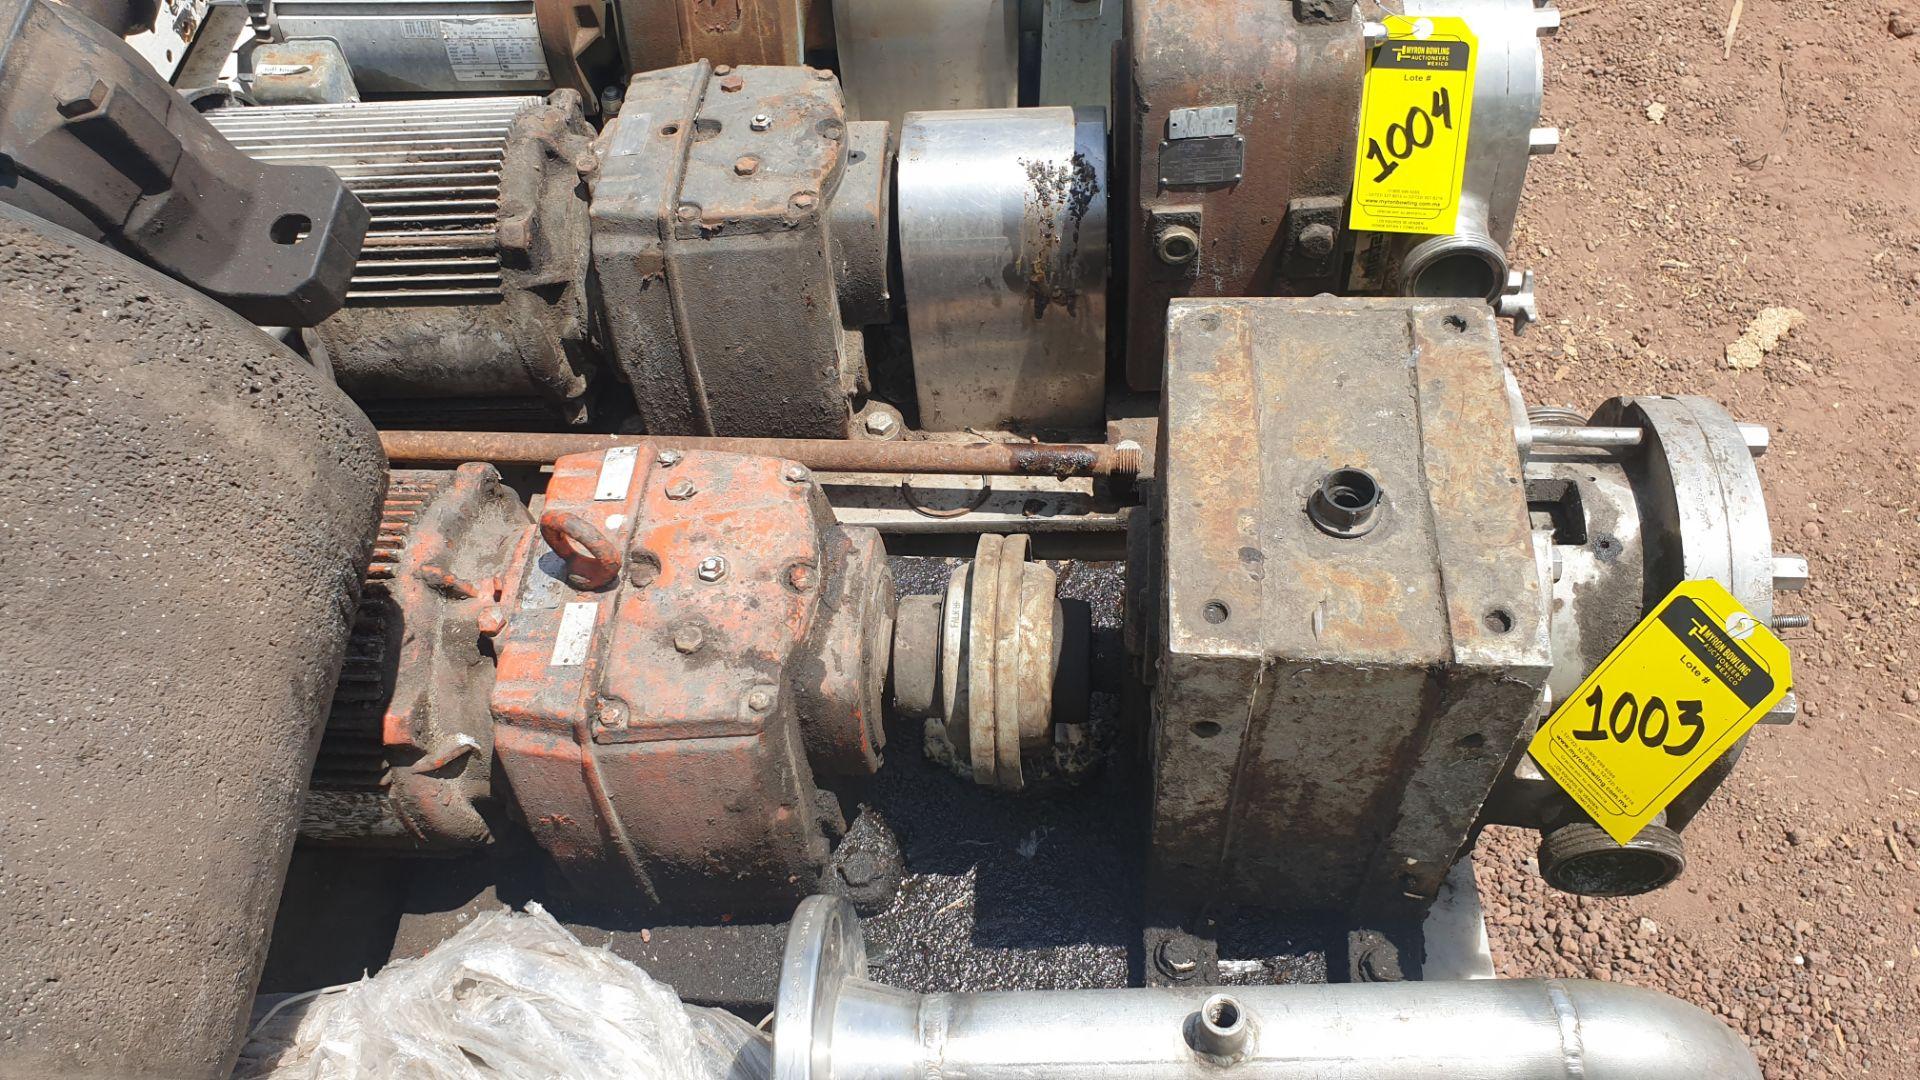 Fristam Lobe pump, includes emerson motor capacity 15HP 230v -460v - Image 3 of 6